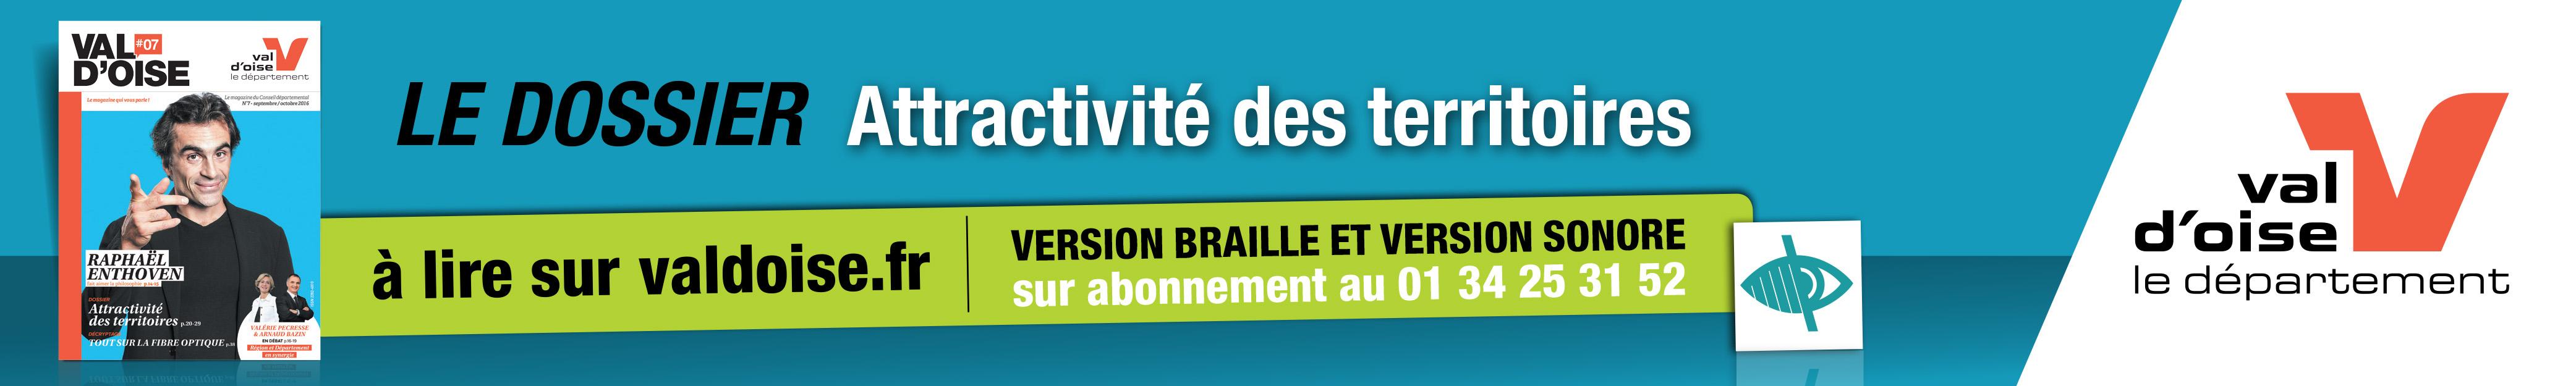 banniere_septembre_1000px150px_v1